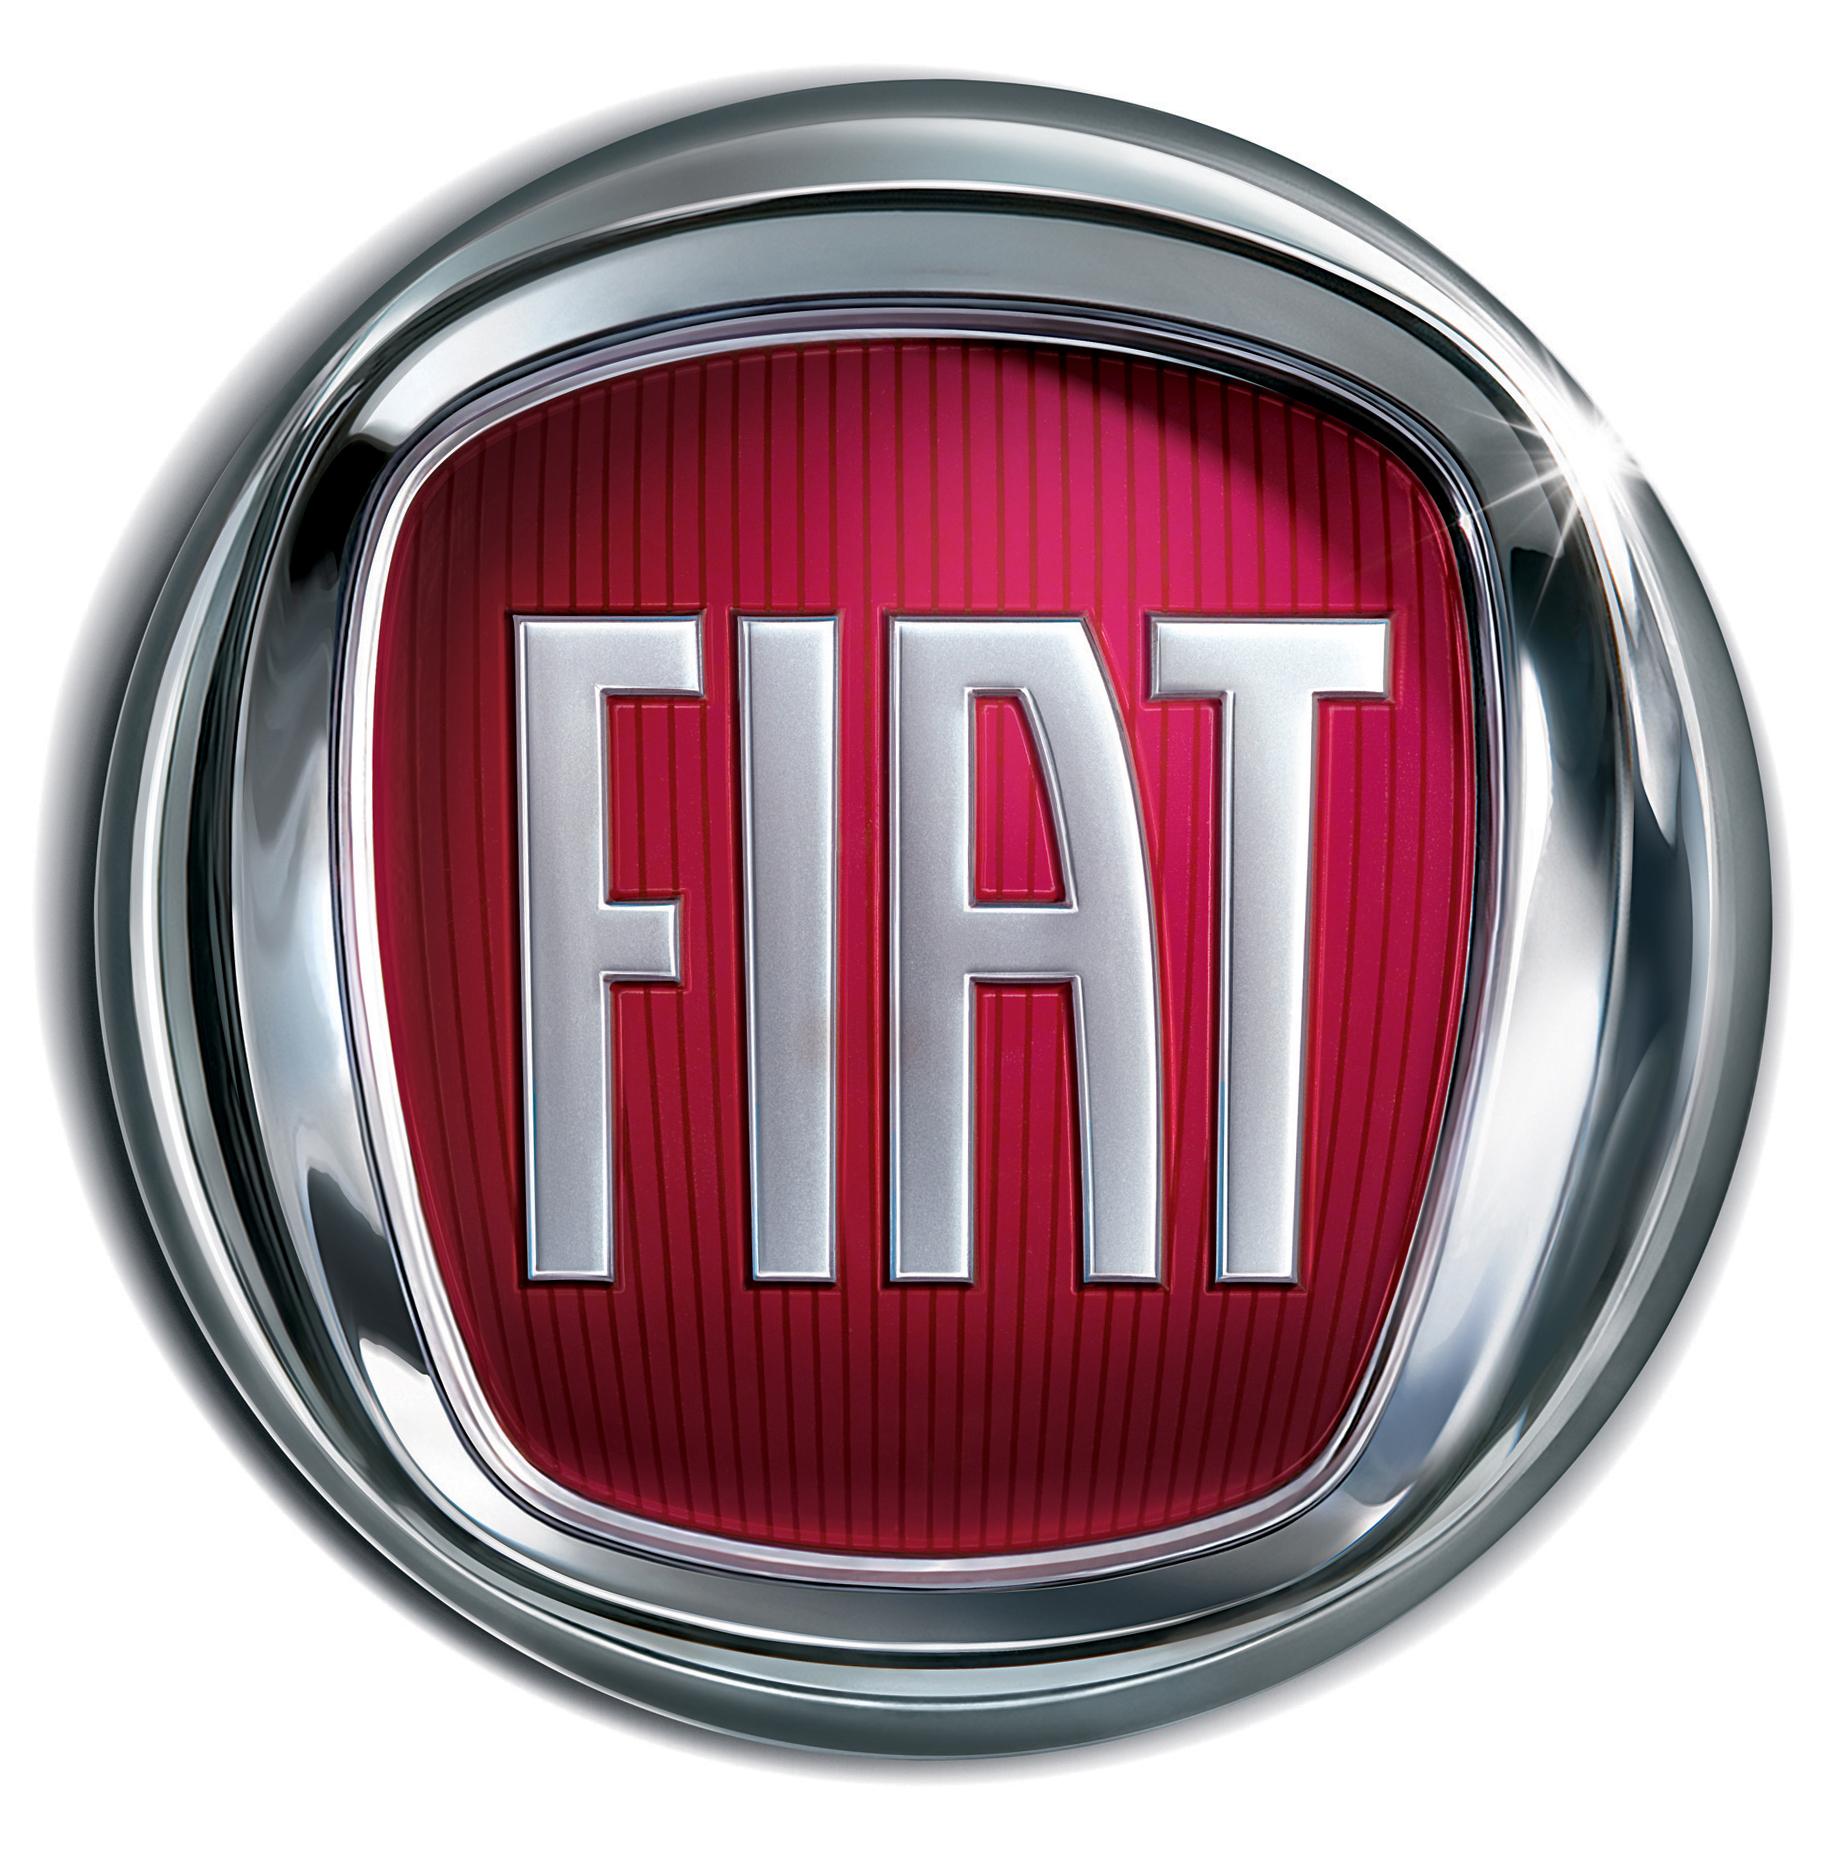 Italian fiat logo company